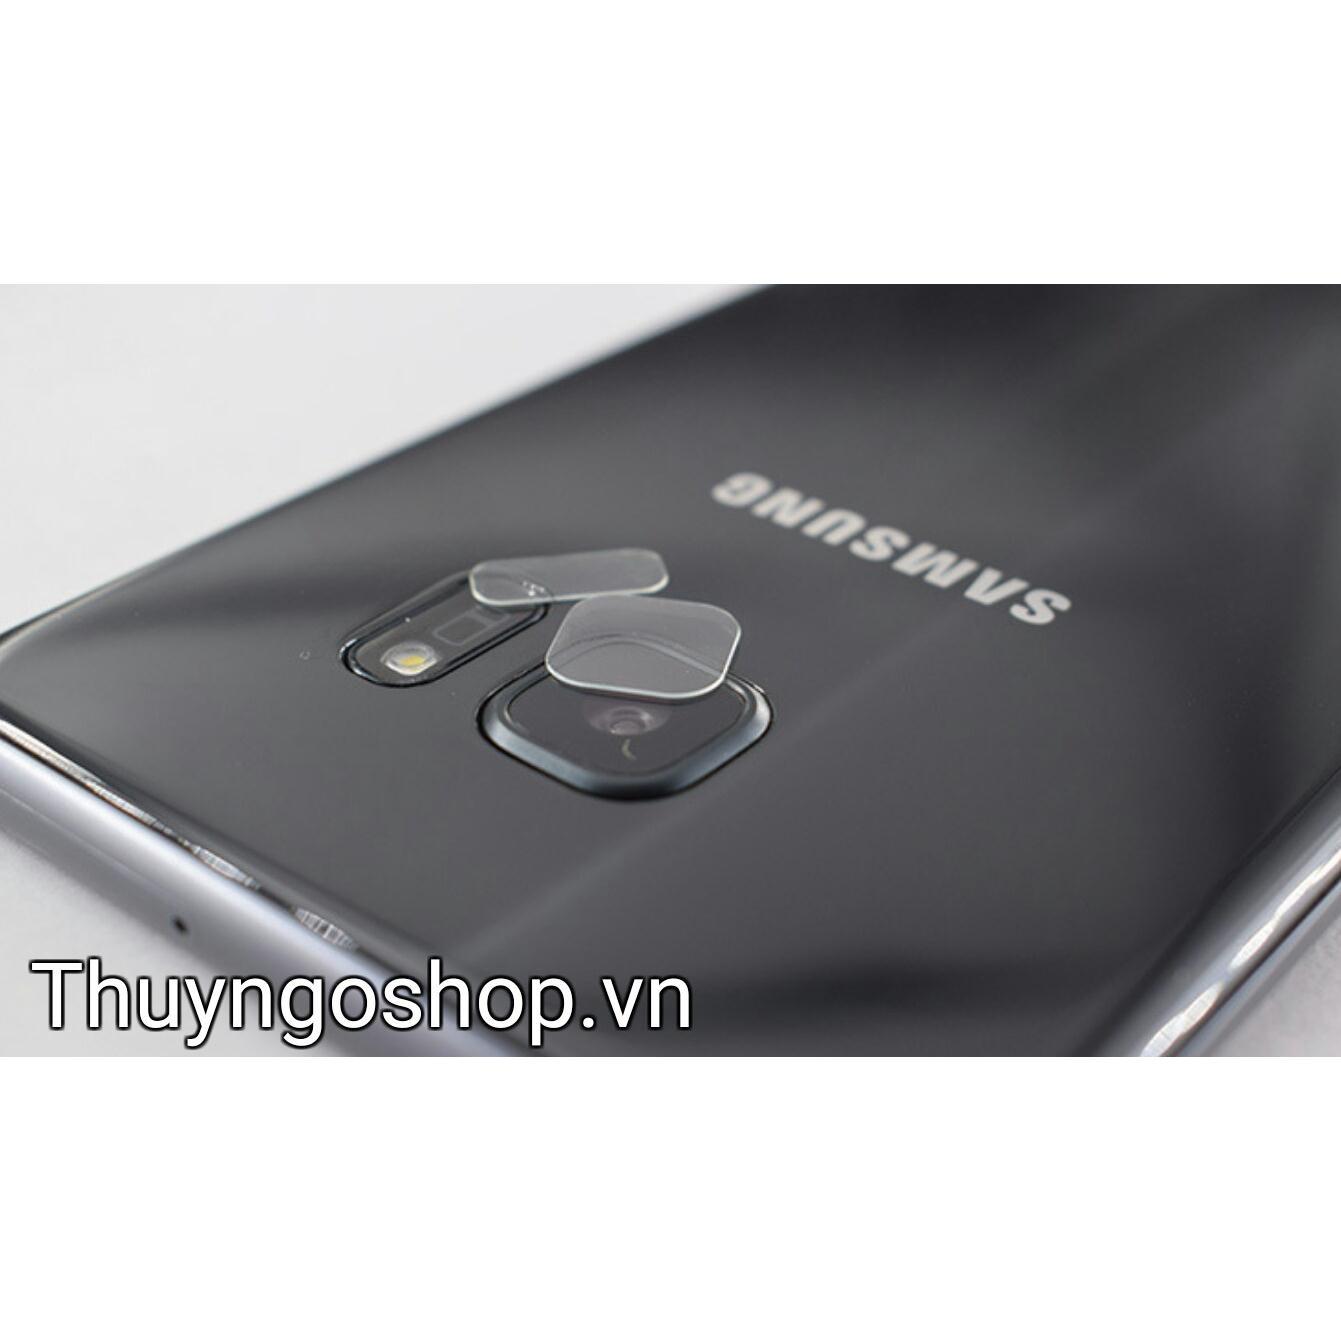 Dán bảo vệ chống trầy camera + flash Samsung Note 7